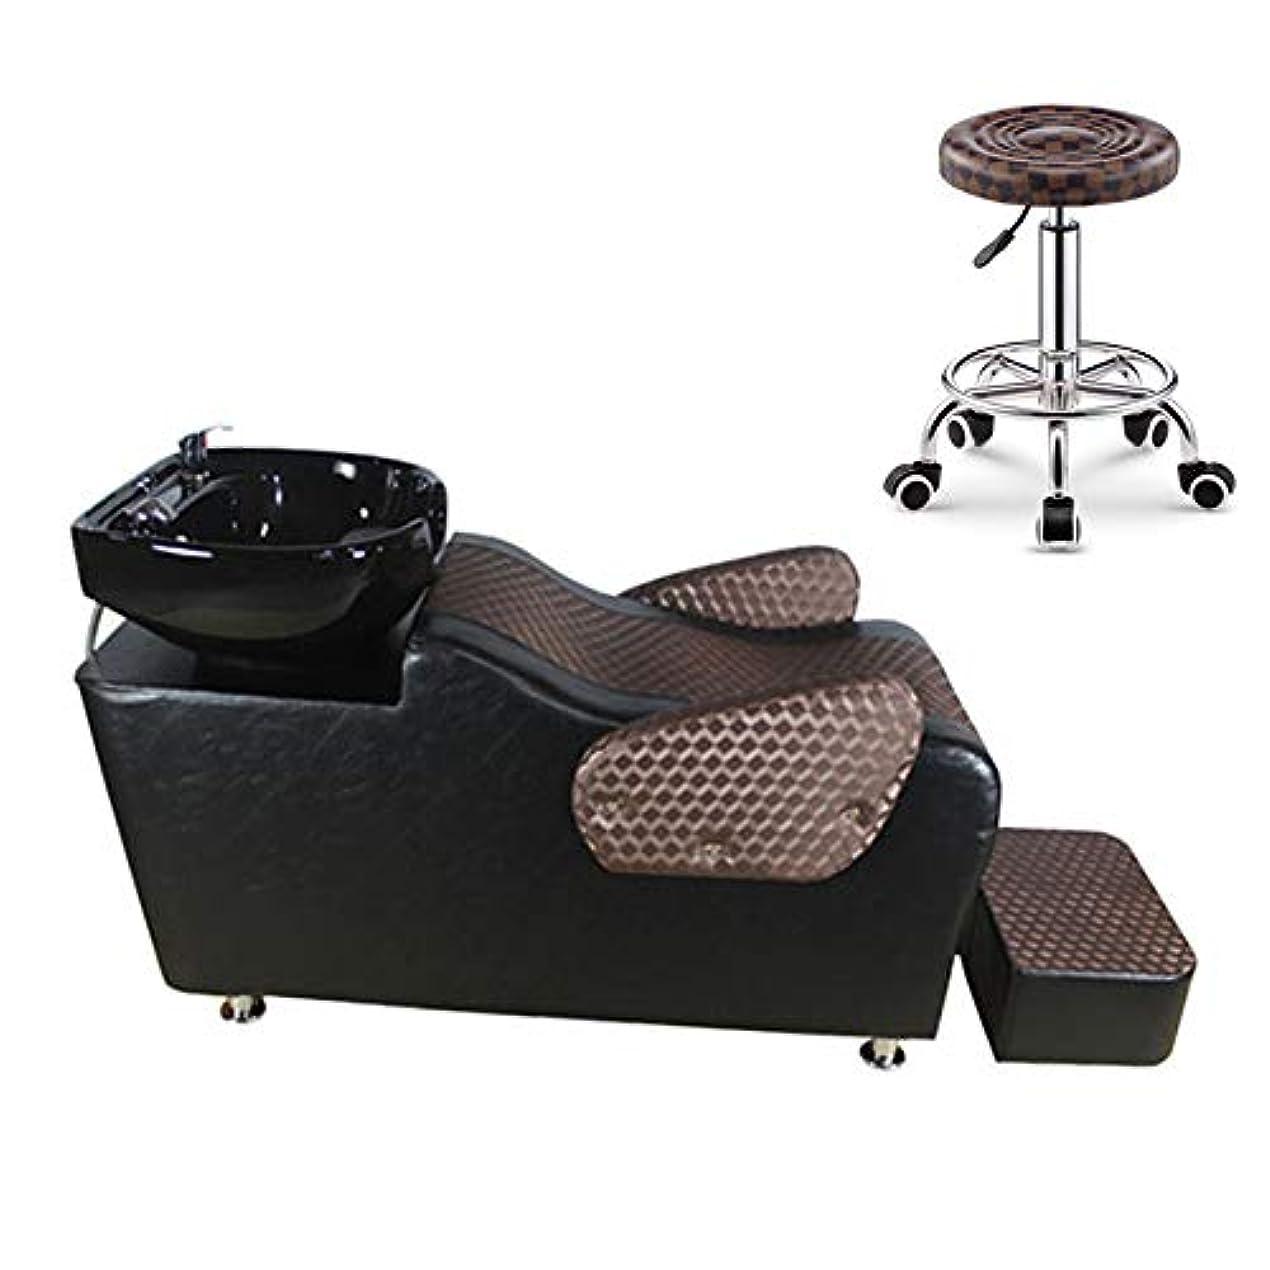 小説家定数熟すシャンプーの椅子、逆洗の単位の鉱泉の美容院装置の打つ水ベッドの椅子のためのシャンプーボールの理髪の流しの椅子